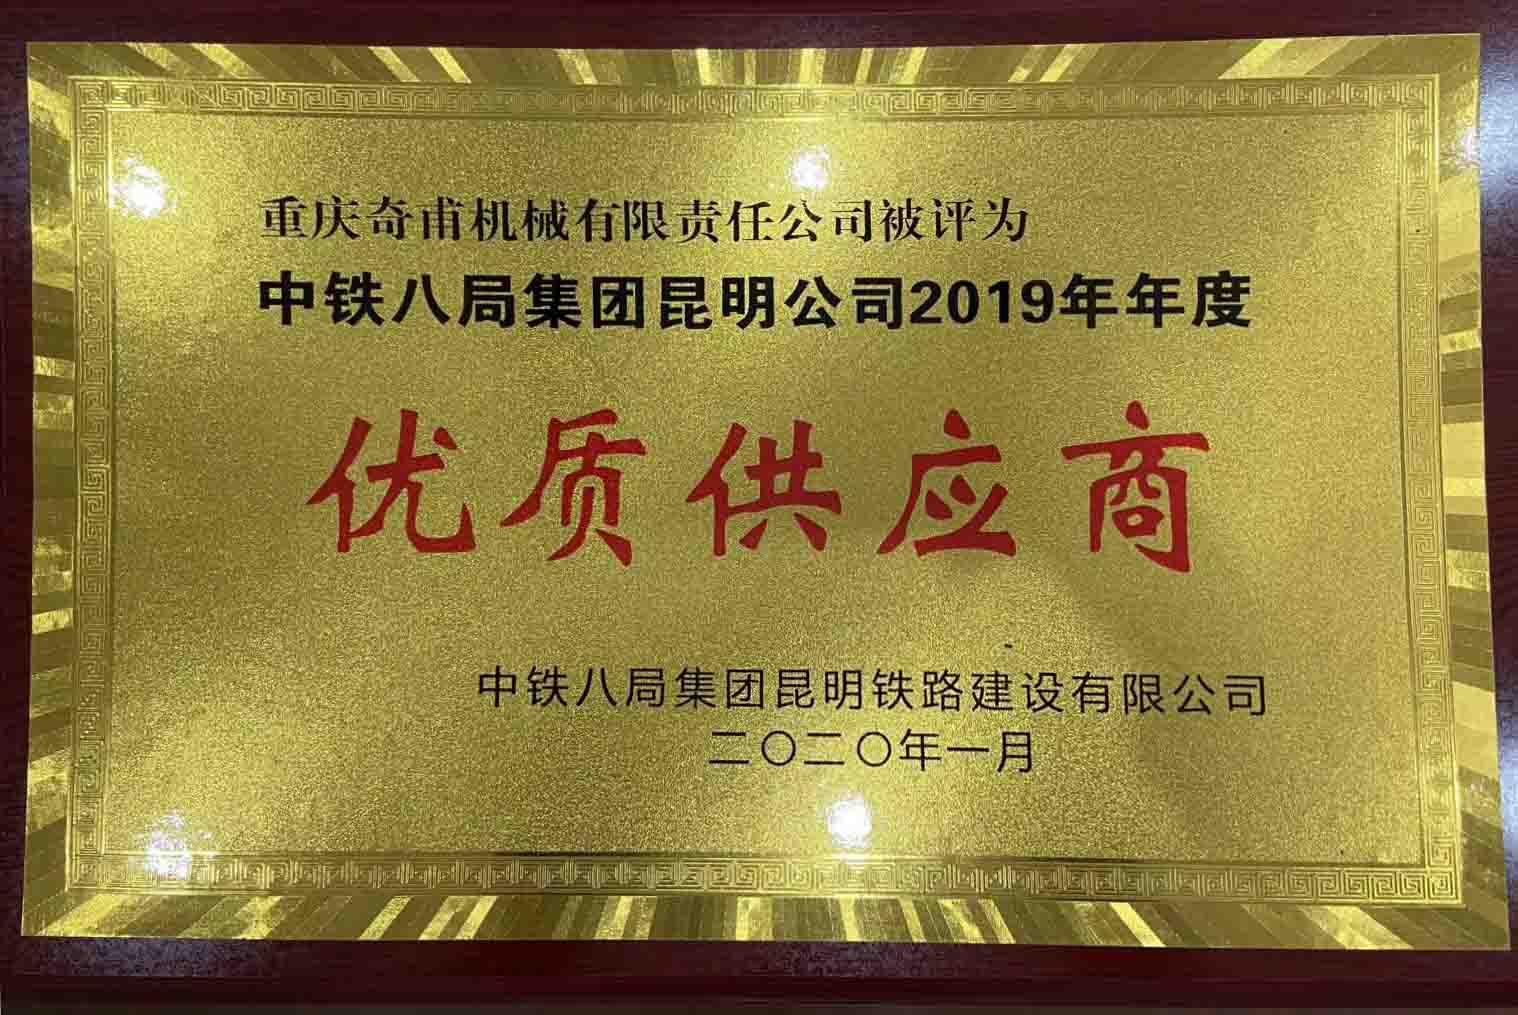 重庆奇甫机械有限责任公司被评为中铁八局集团昆明公司2019年年度优质供应商